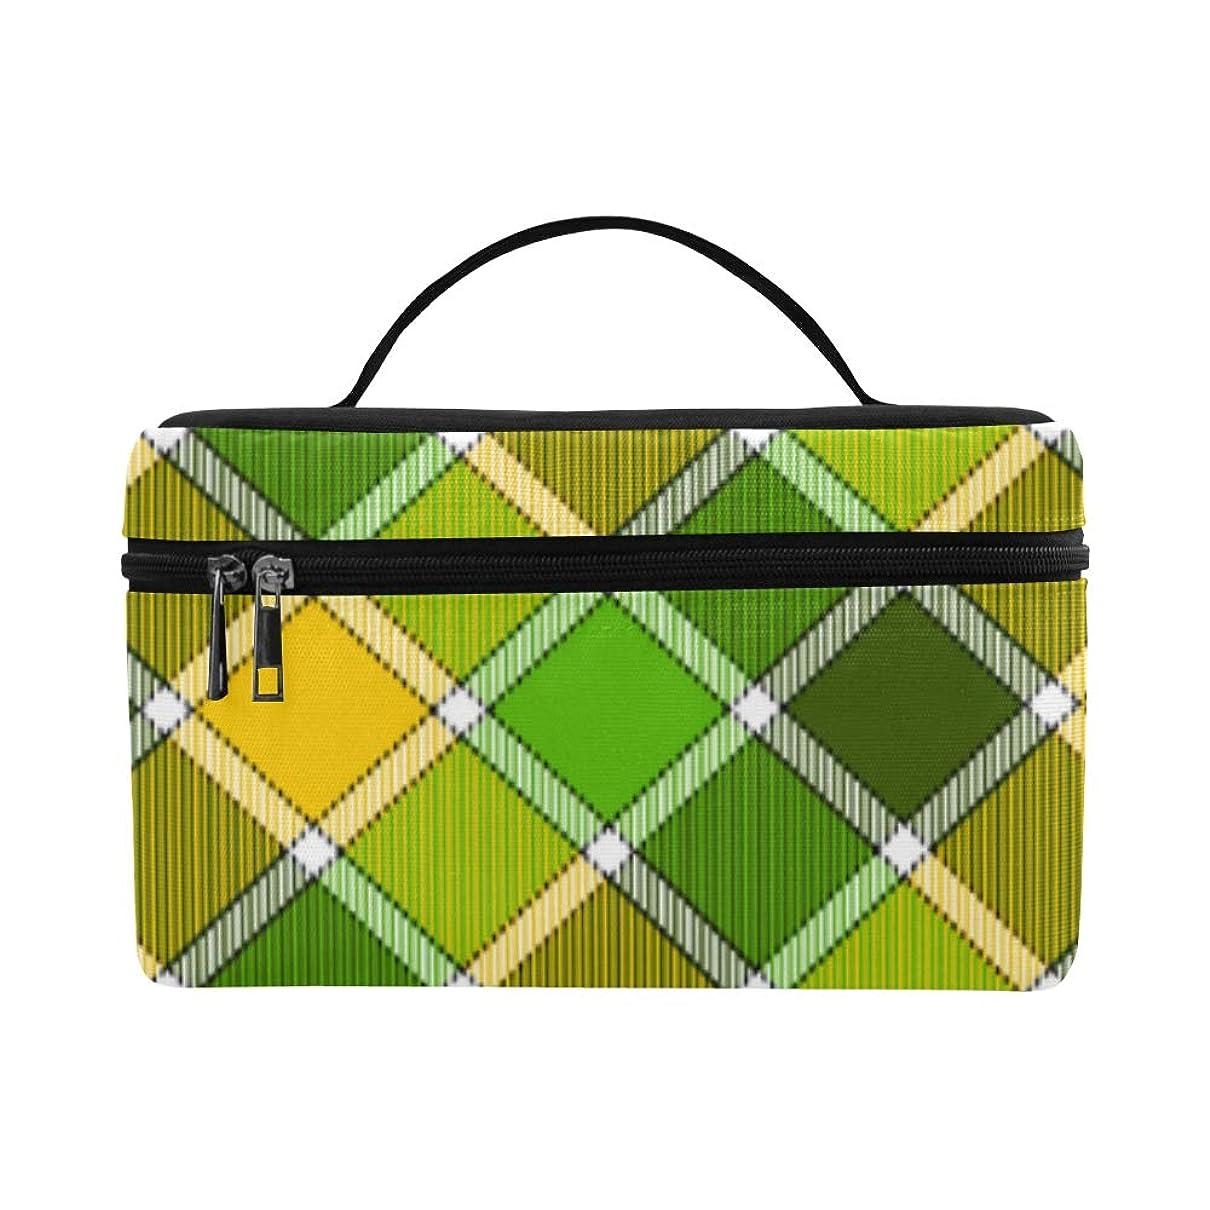 雪月リスナーTELSG メイクボックス 黄色い緑格子縞 コスメ収納 化粧品収納ケース 大容量 収納ボックス 化粧品入れ 化粧バッグ 旅行用 メイクブラシバッグ 化粧箱 持ち運び便利 プロ用